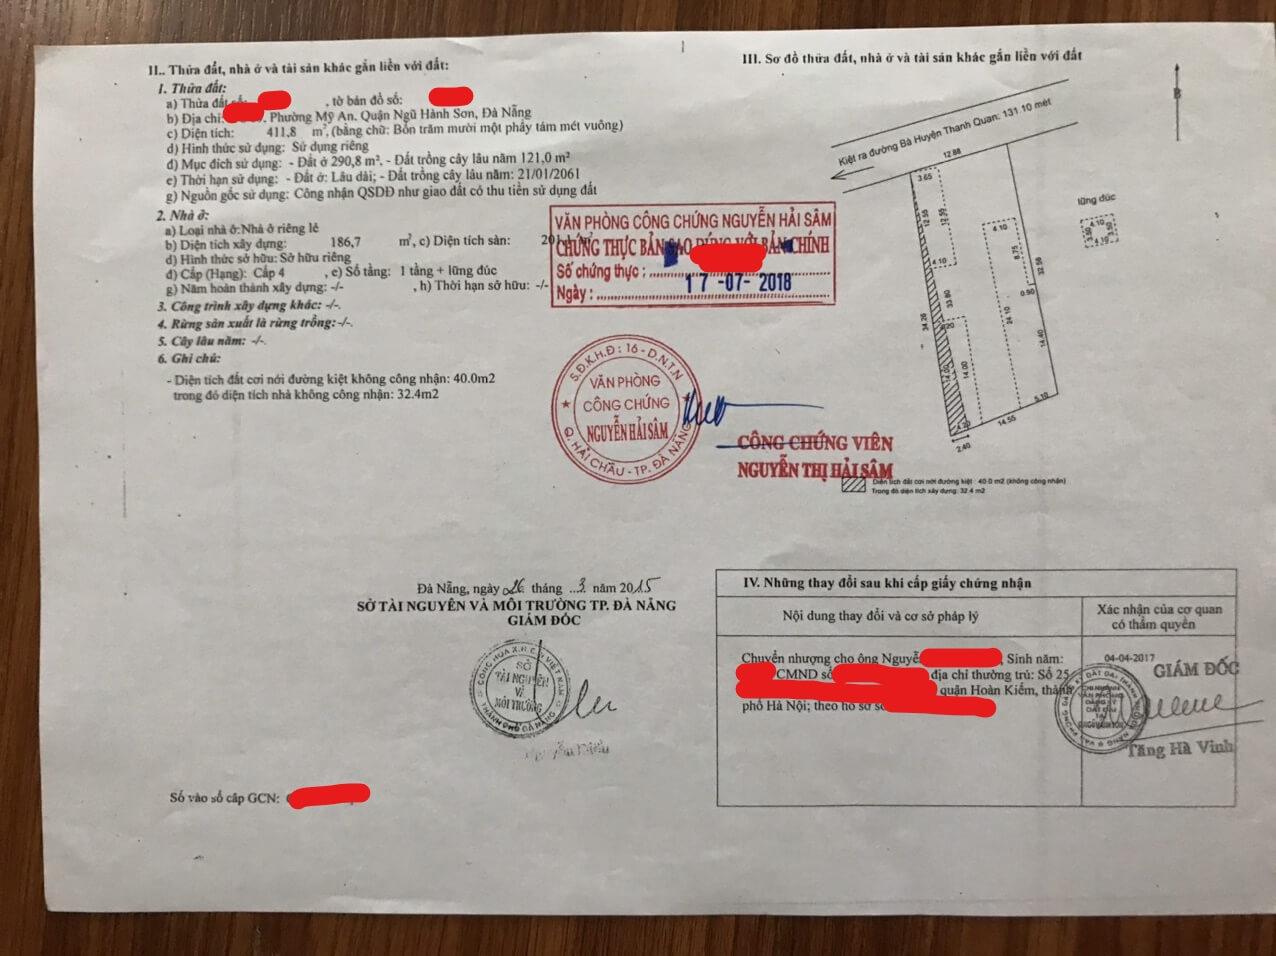 Bán Đất Kiệt Đường Bà Huyện Thanh Quan – Đà Nẵng | Trần Minh BĐS